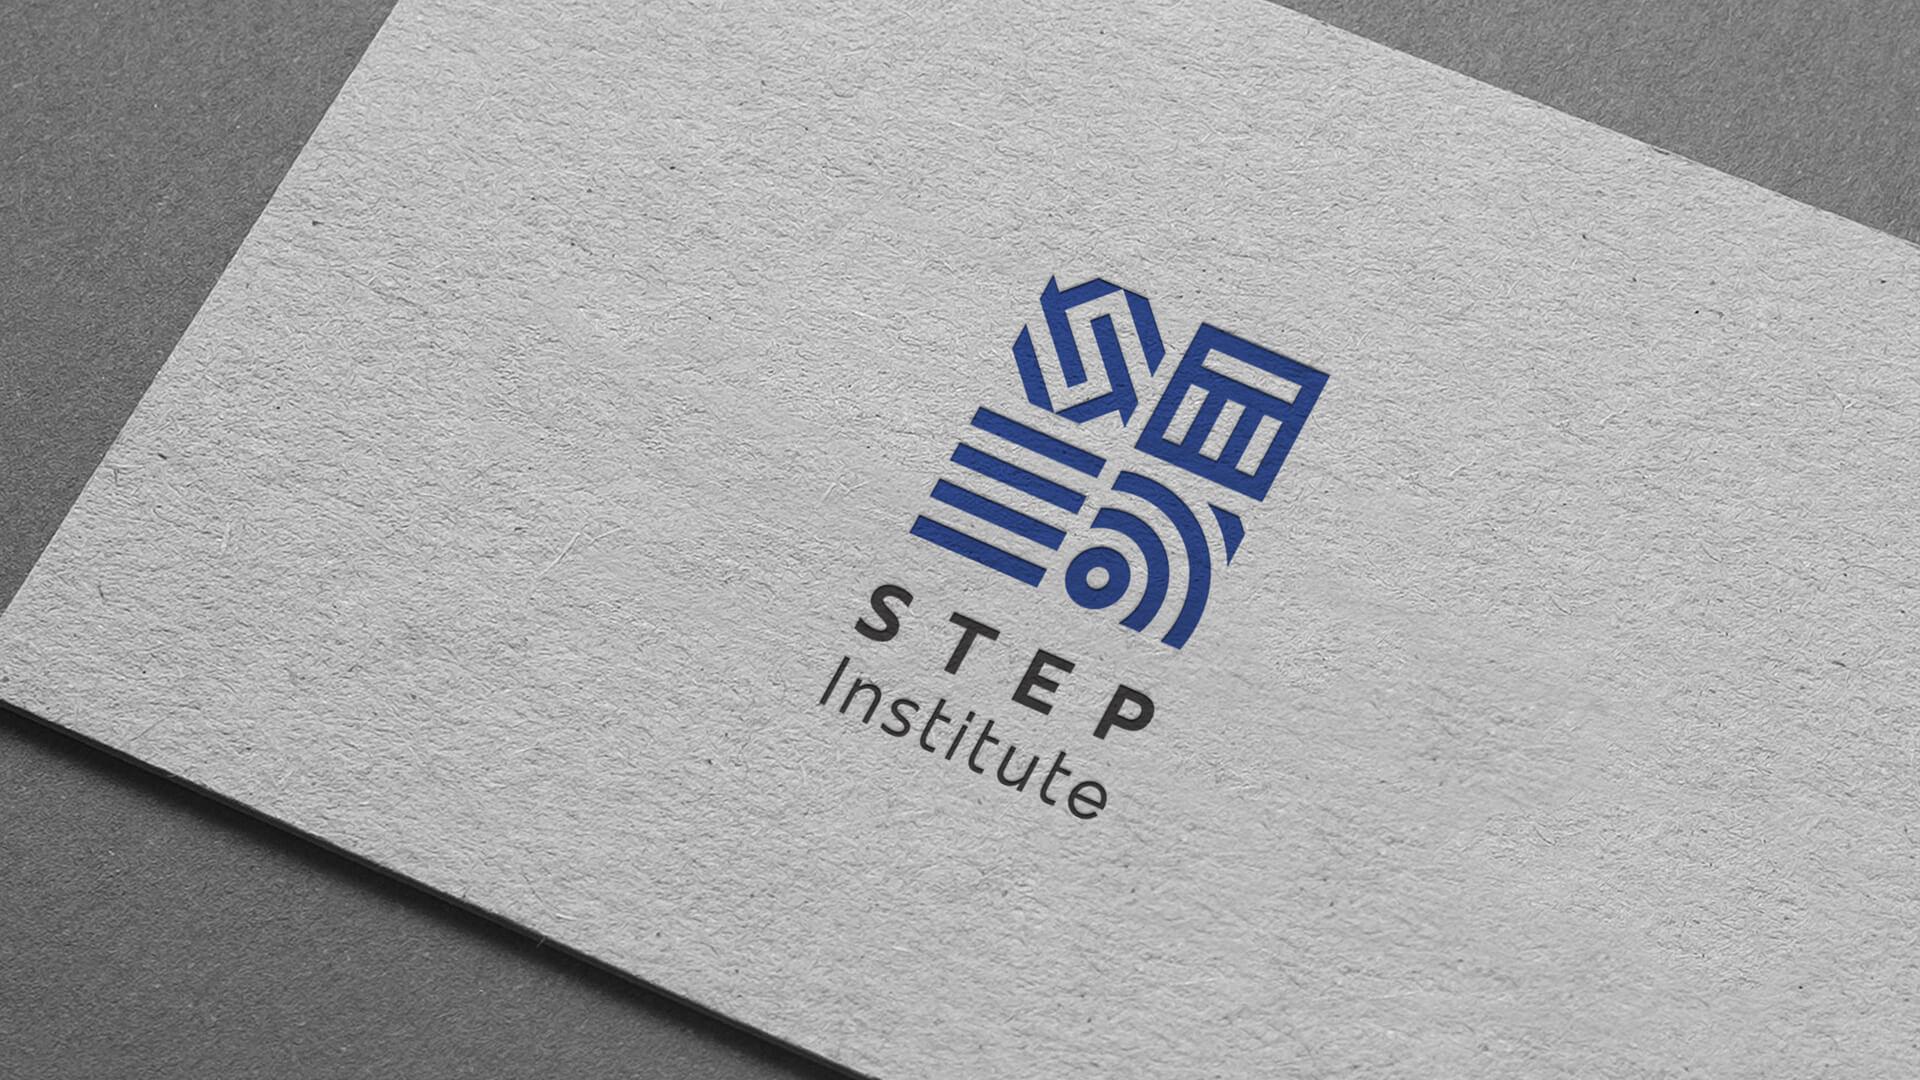 STEP Inštitut